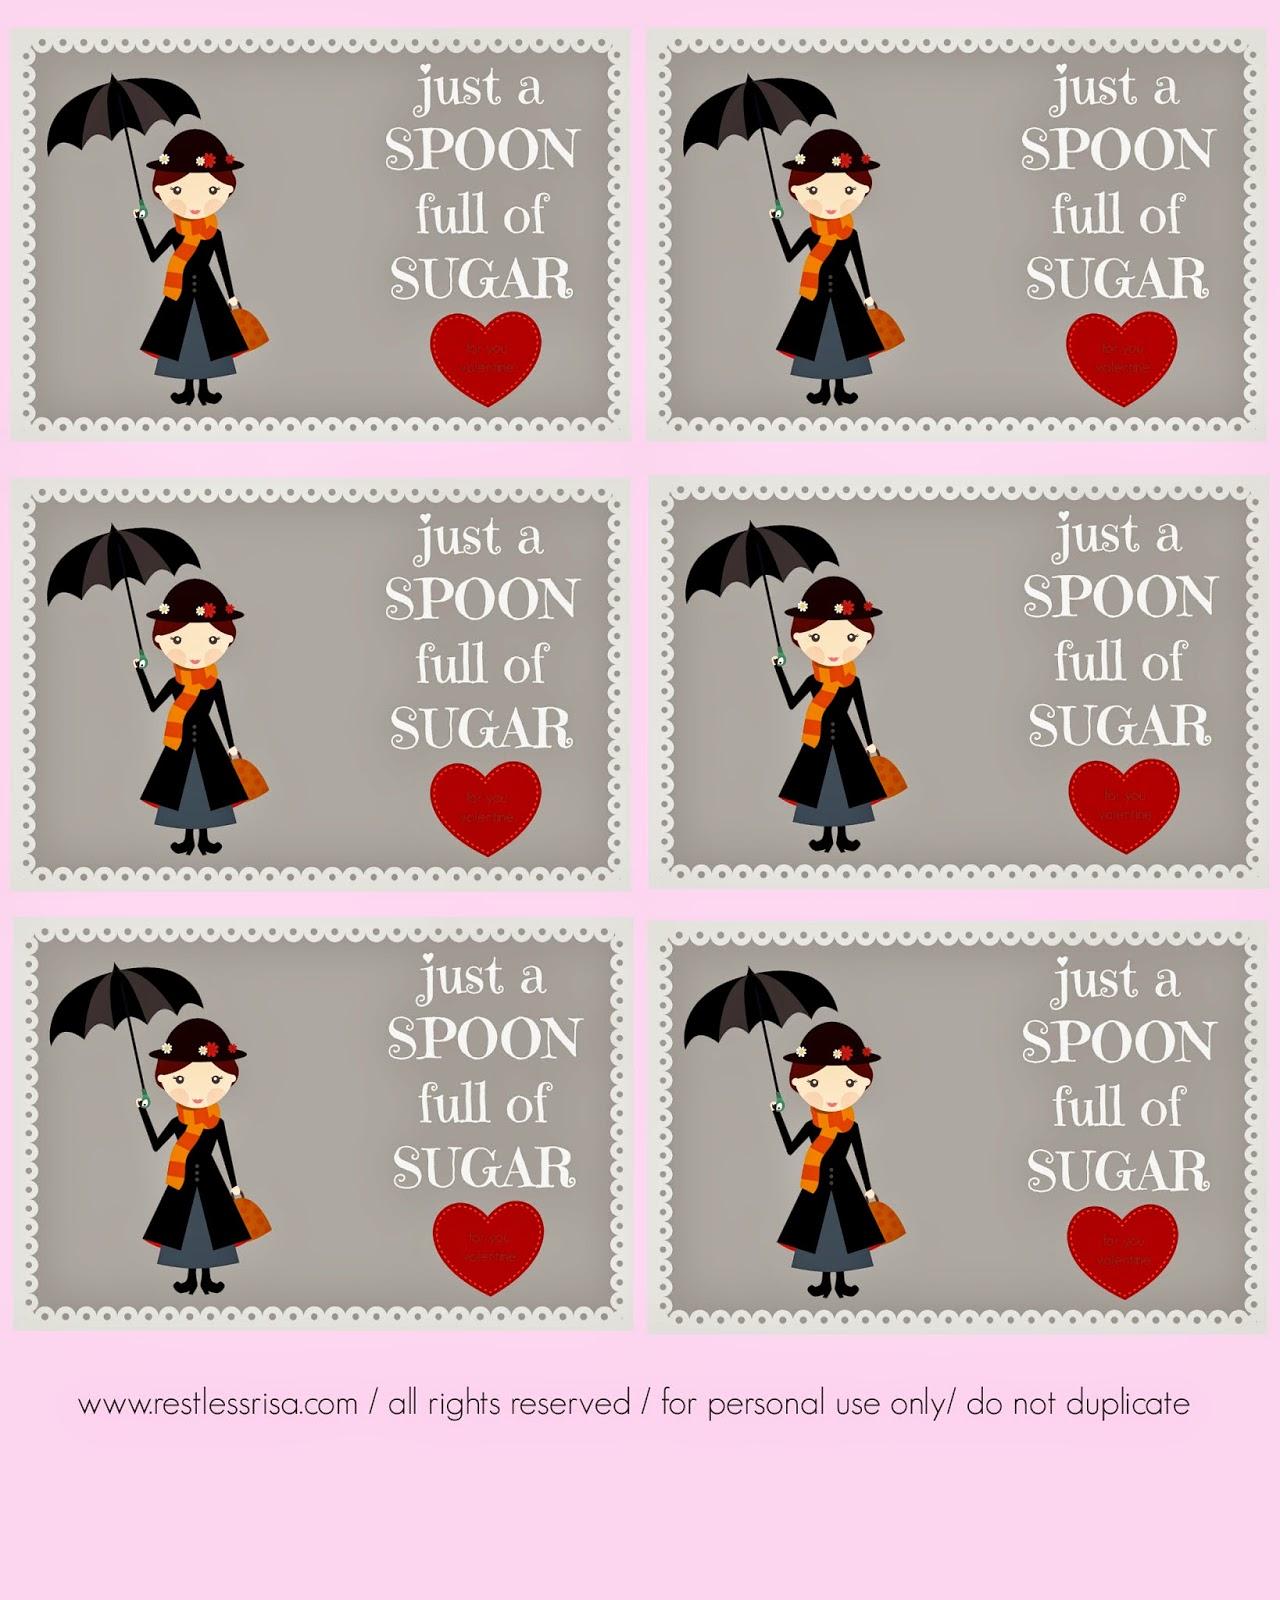 Restlessrisa Mary Poppins Valentine